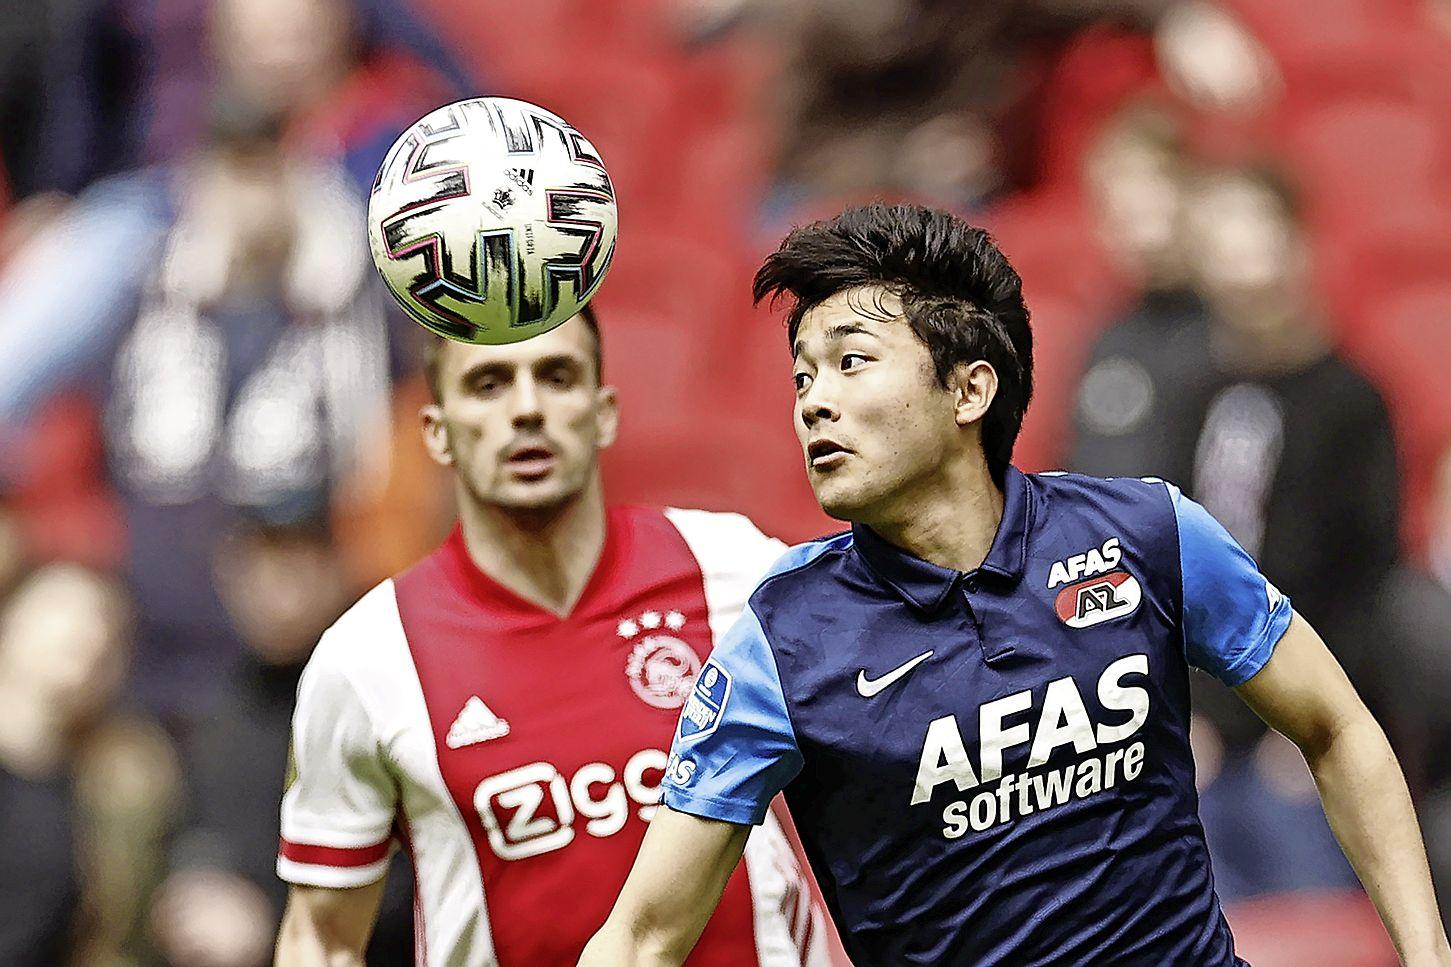 'Wij zijn kampioen', zingen de fans van Ajax na de zege op kansen missend AZ